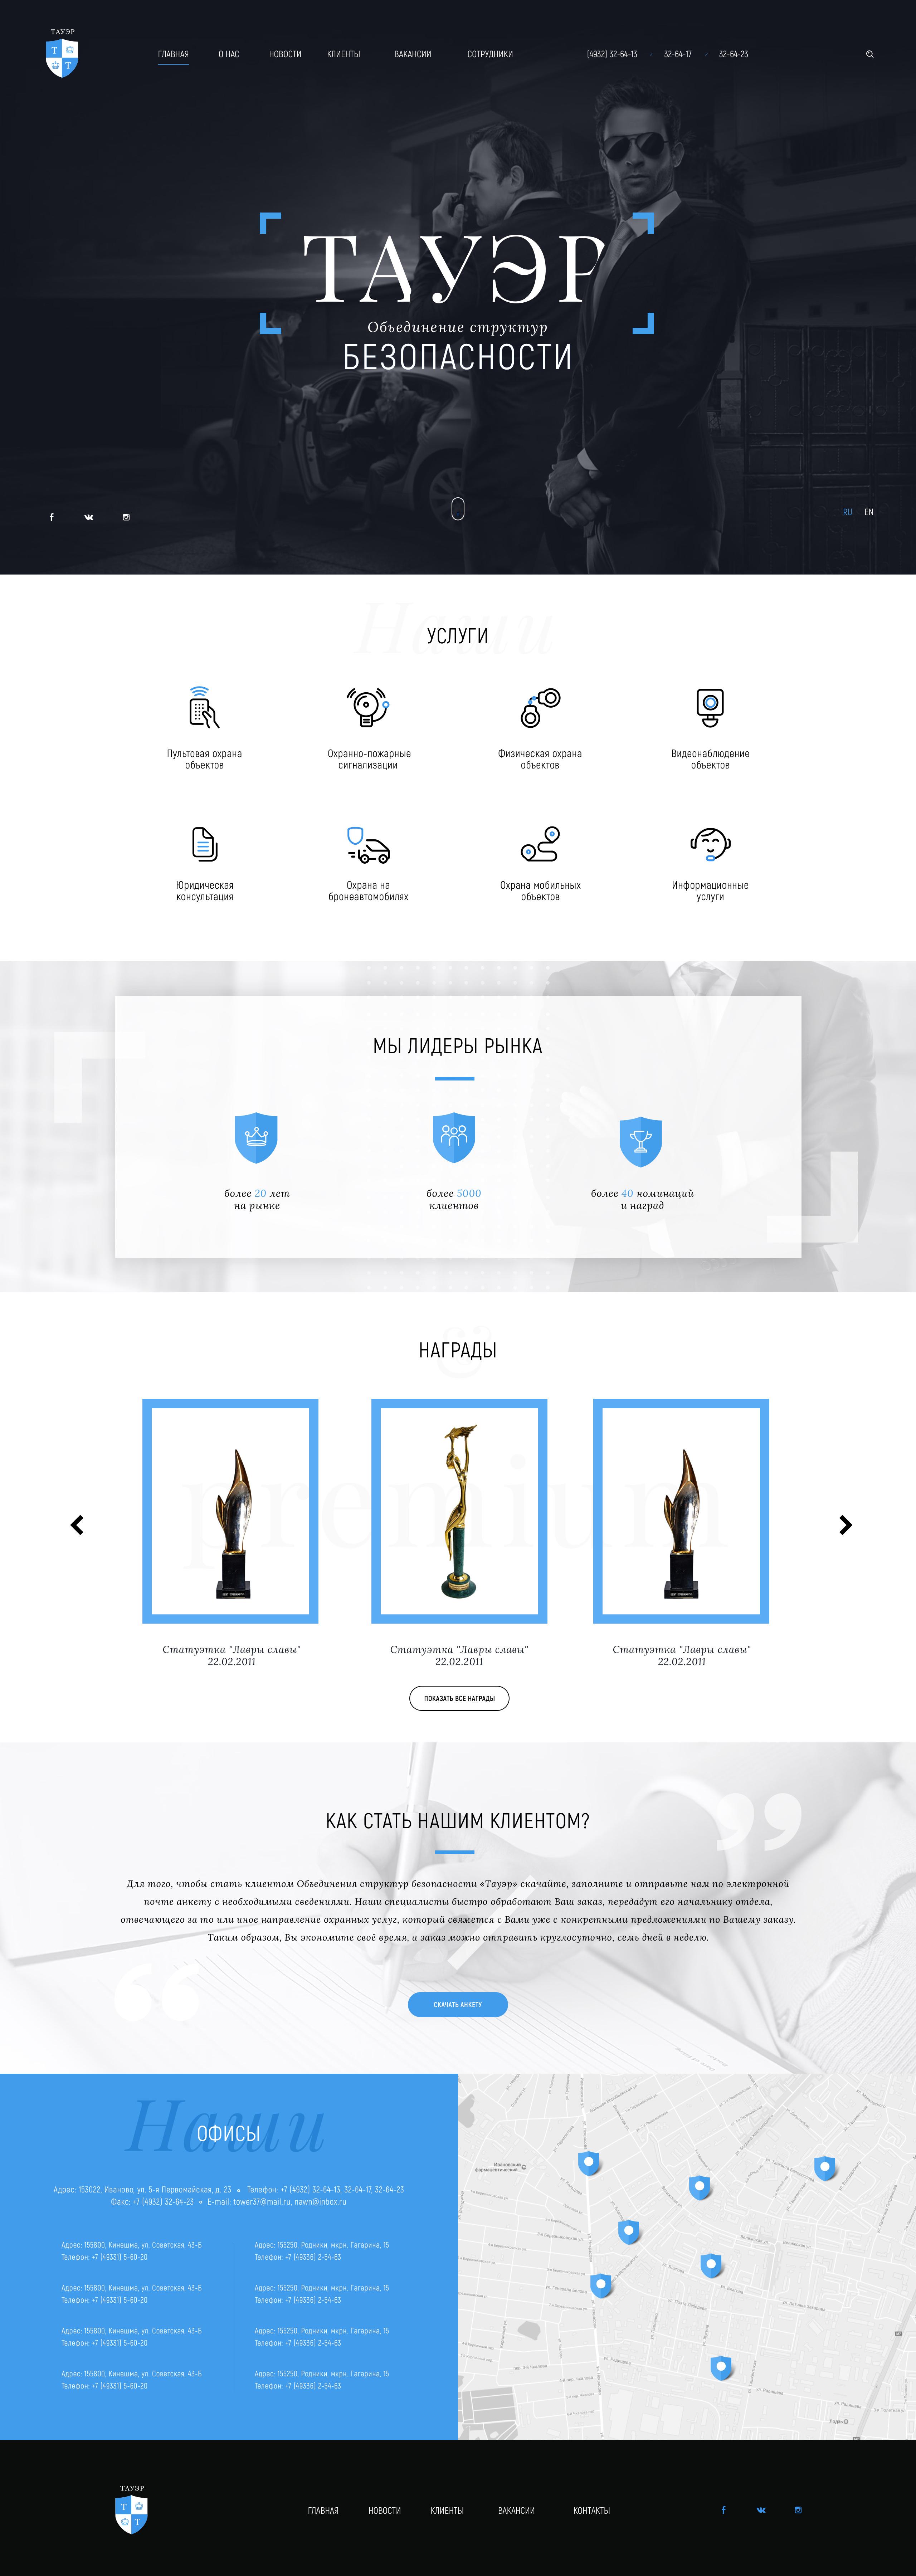 Редизайн существующего сайта компании (ЗАВЕРШЁН) фото f_22458fa5a451d6a1.jpg